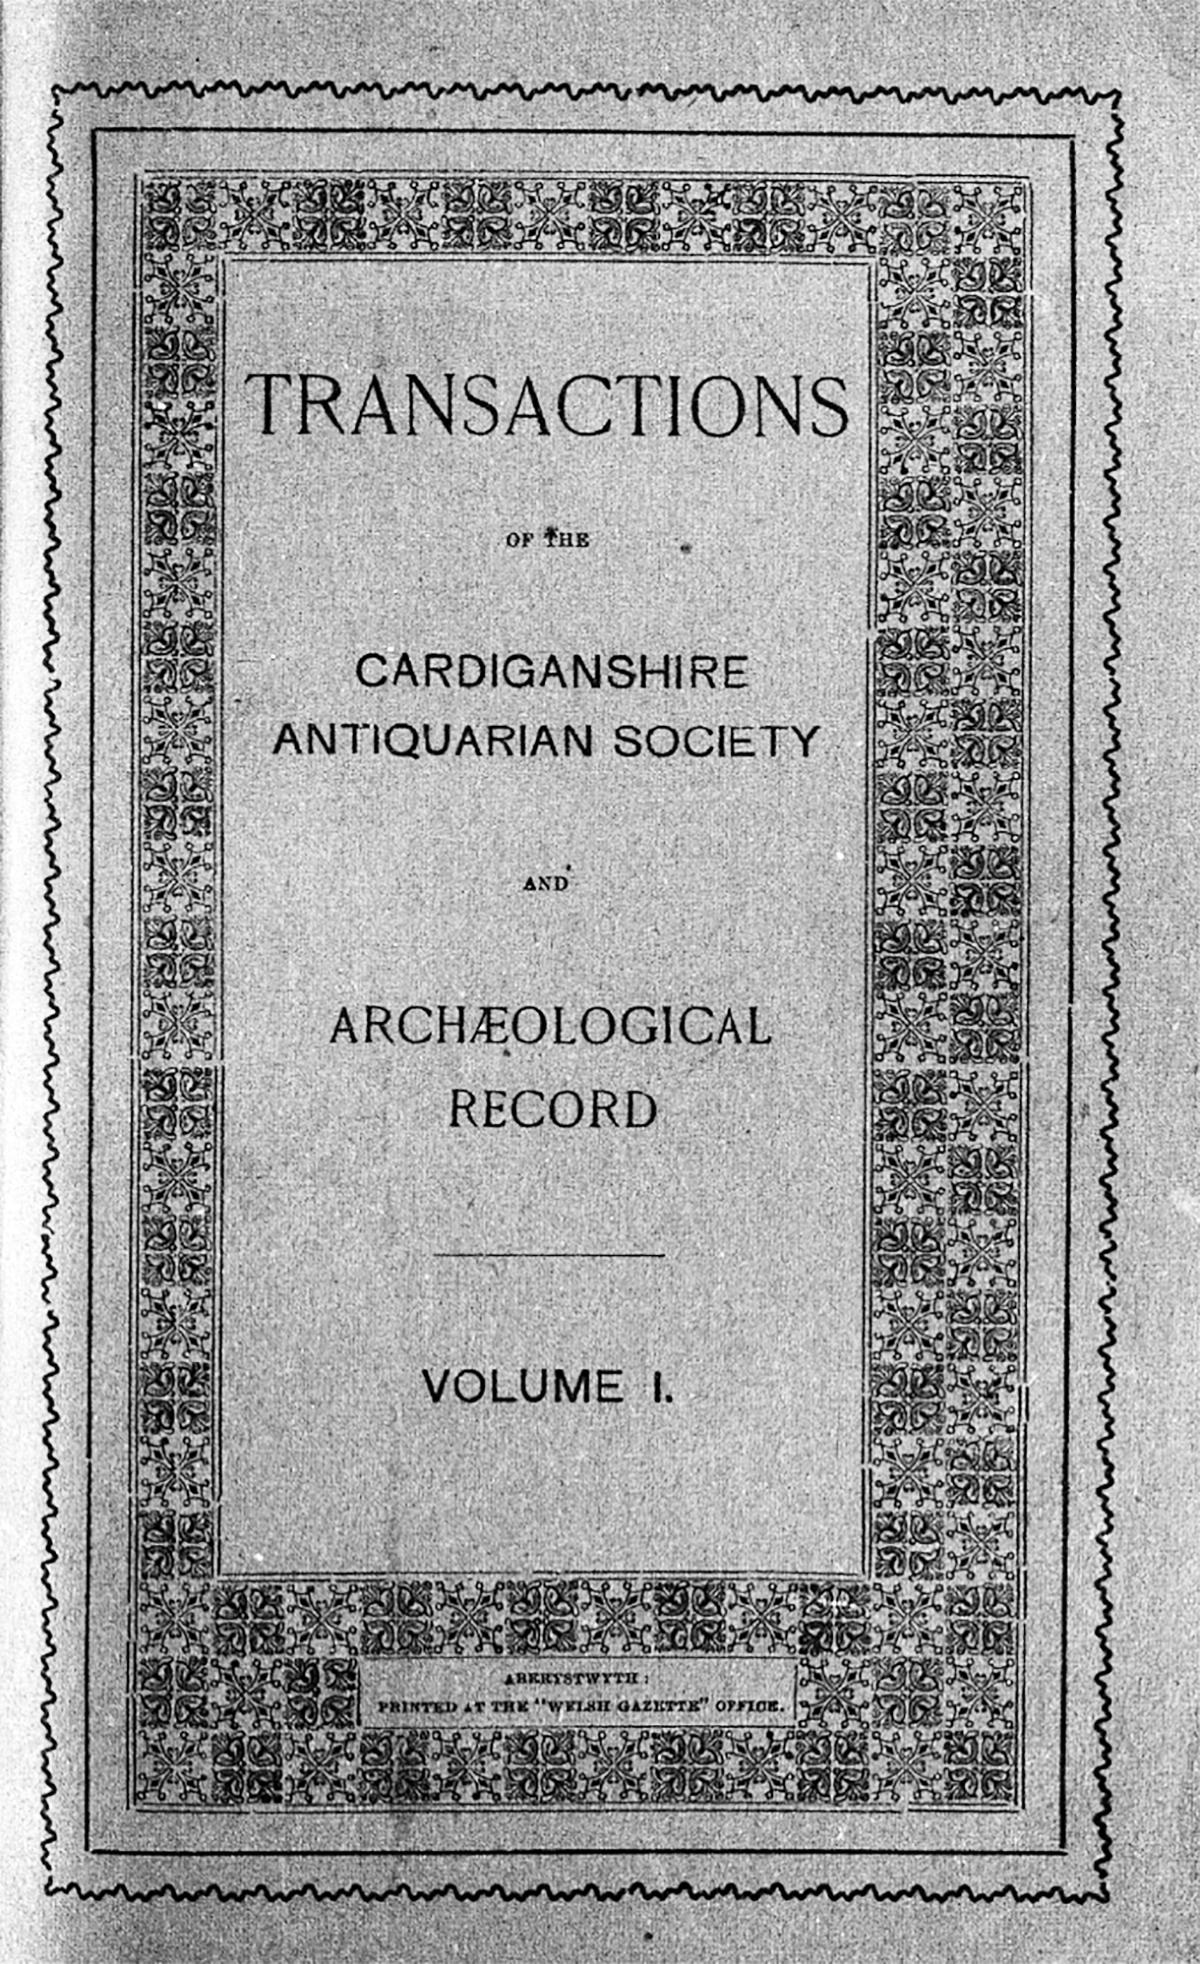 Trafodion Cymdeithas Hynafiaethwyr Sir Aberteifi a Chofnod archeolegol - Cyfrol 1